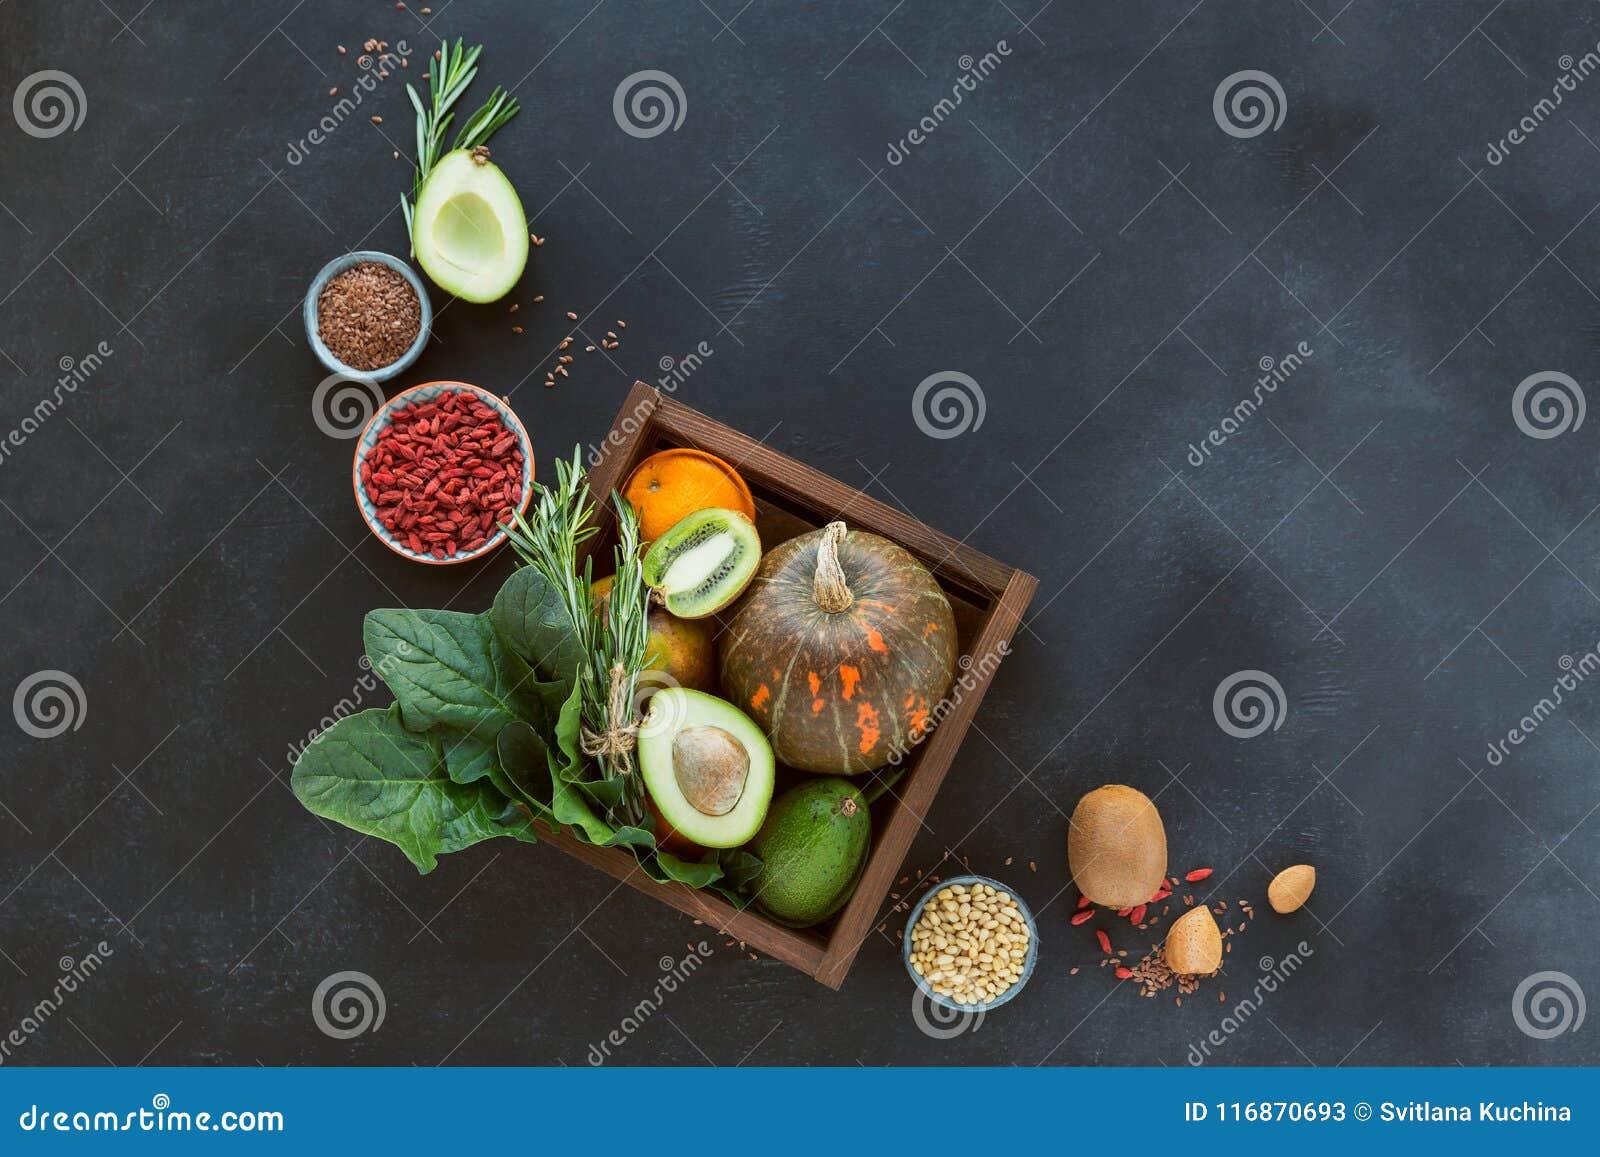 Alimento biológico saudável do fazendeiro: fruto, vegetais, sementes, superfood